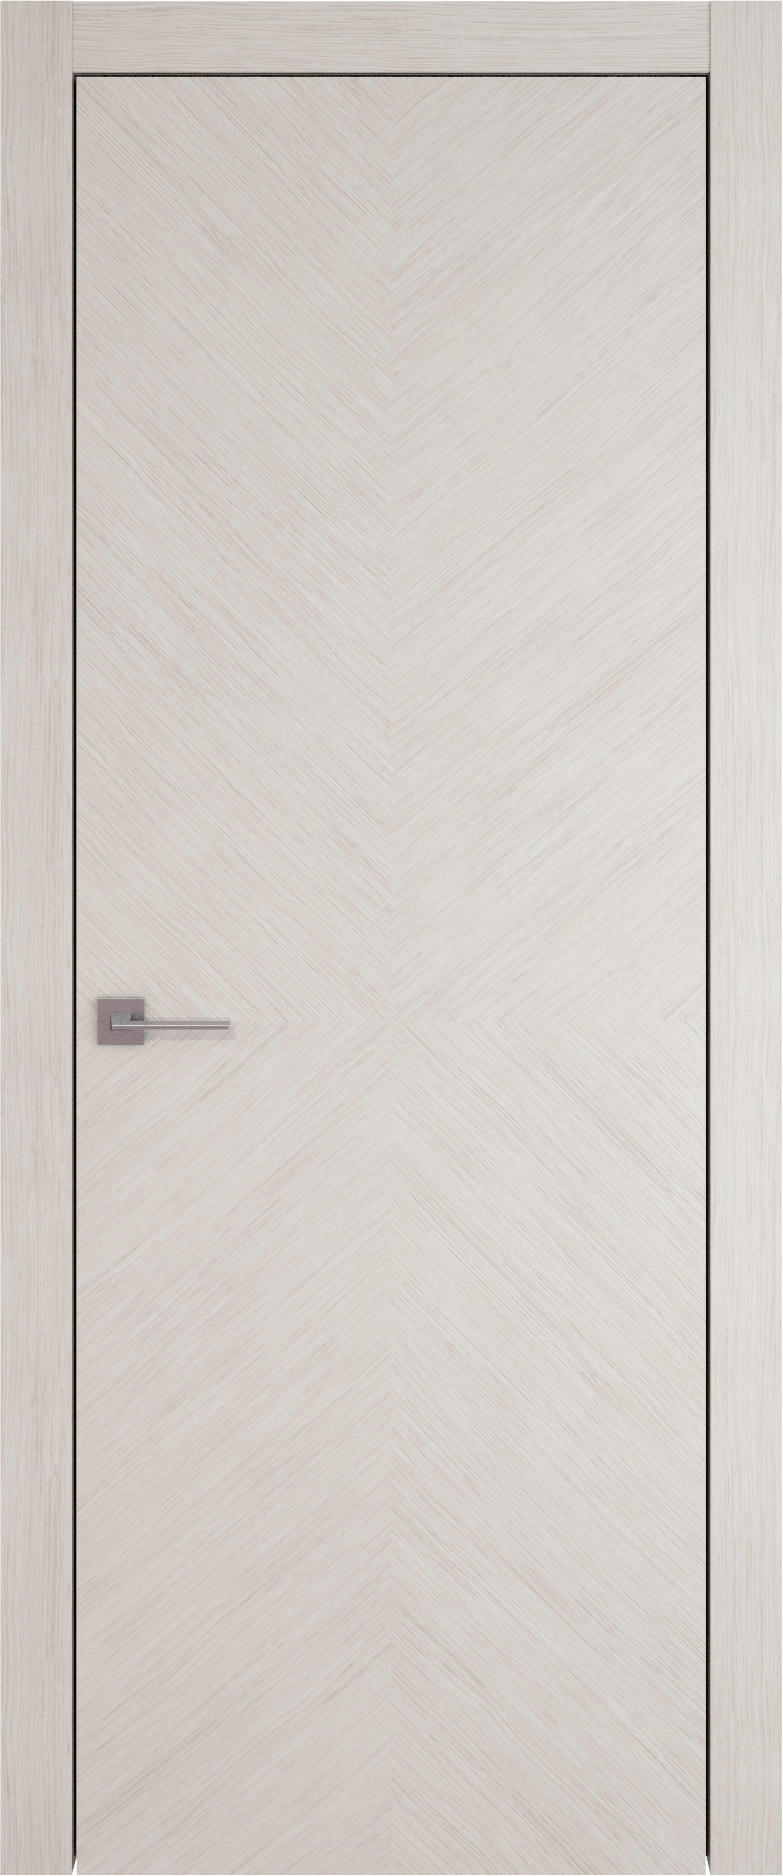 Tivoli И-1 цвет - Дымчатый дуб Без стекла (ДГ)